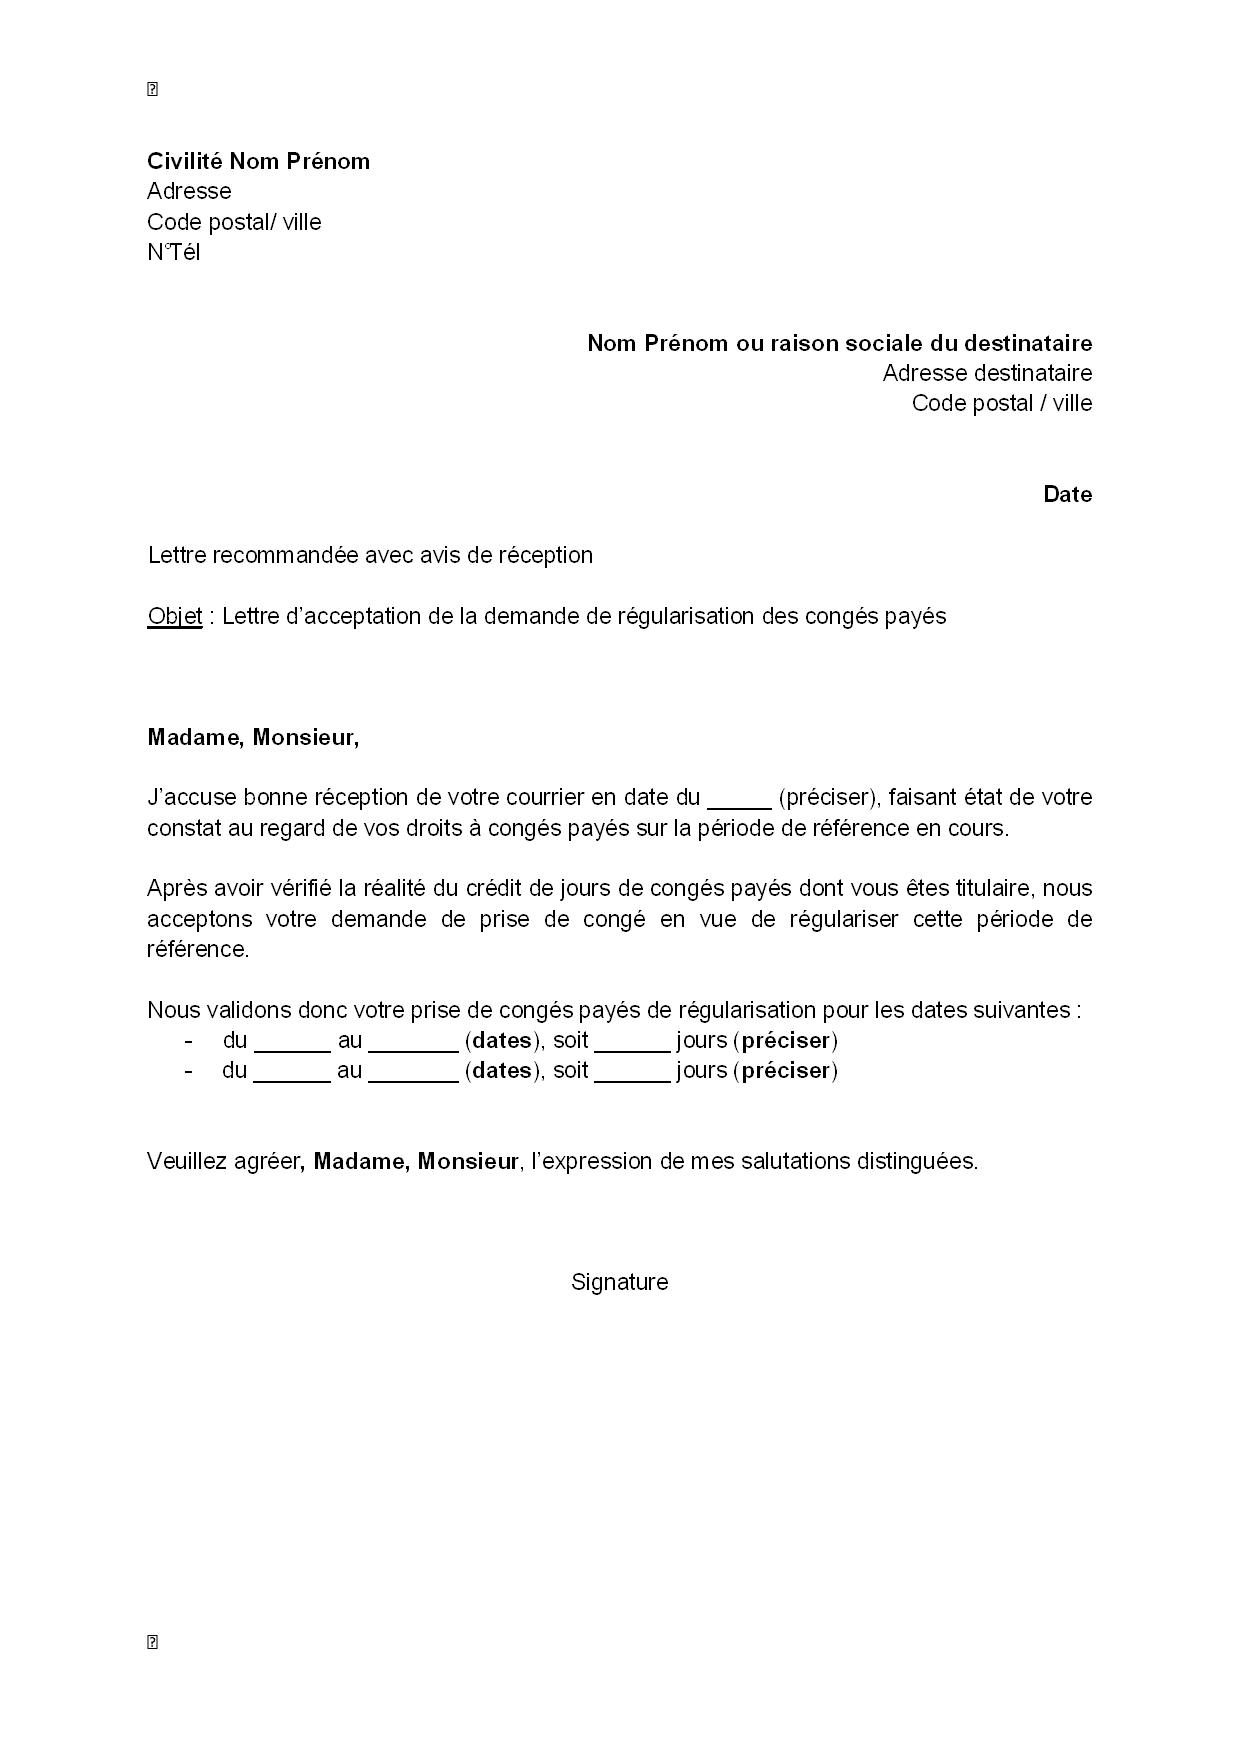 lettre d u0026 39 acceptation  par l u0026 39 employeur  de la demande de